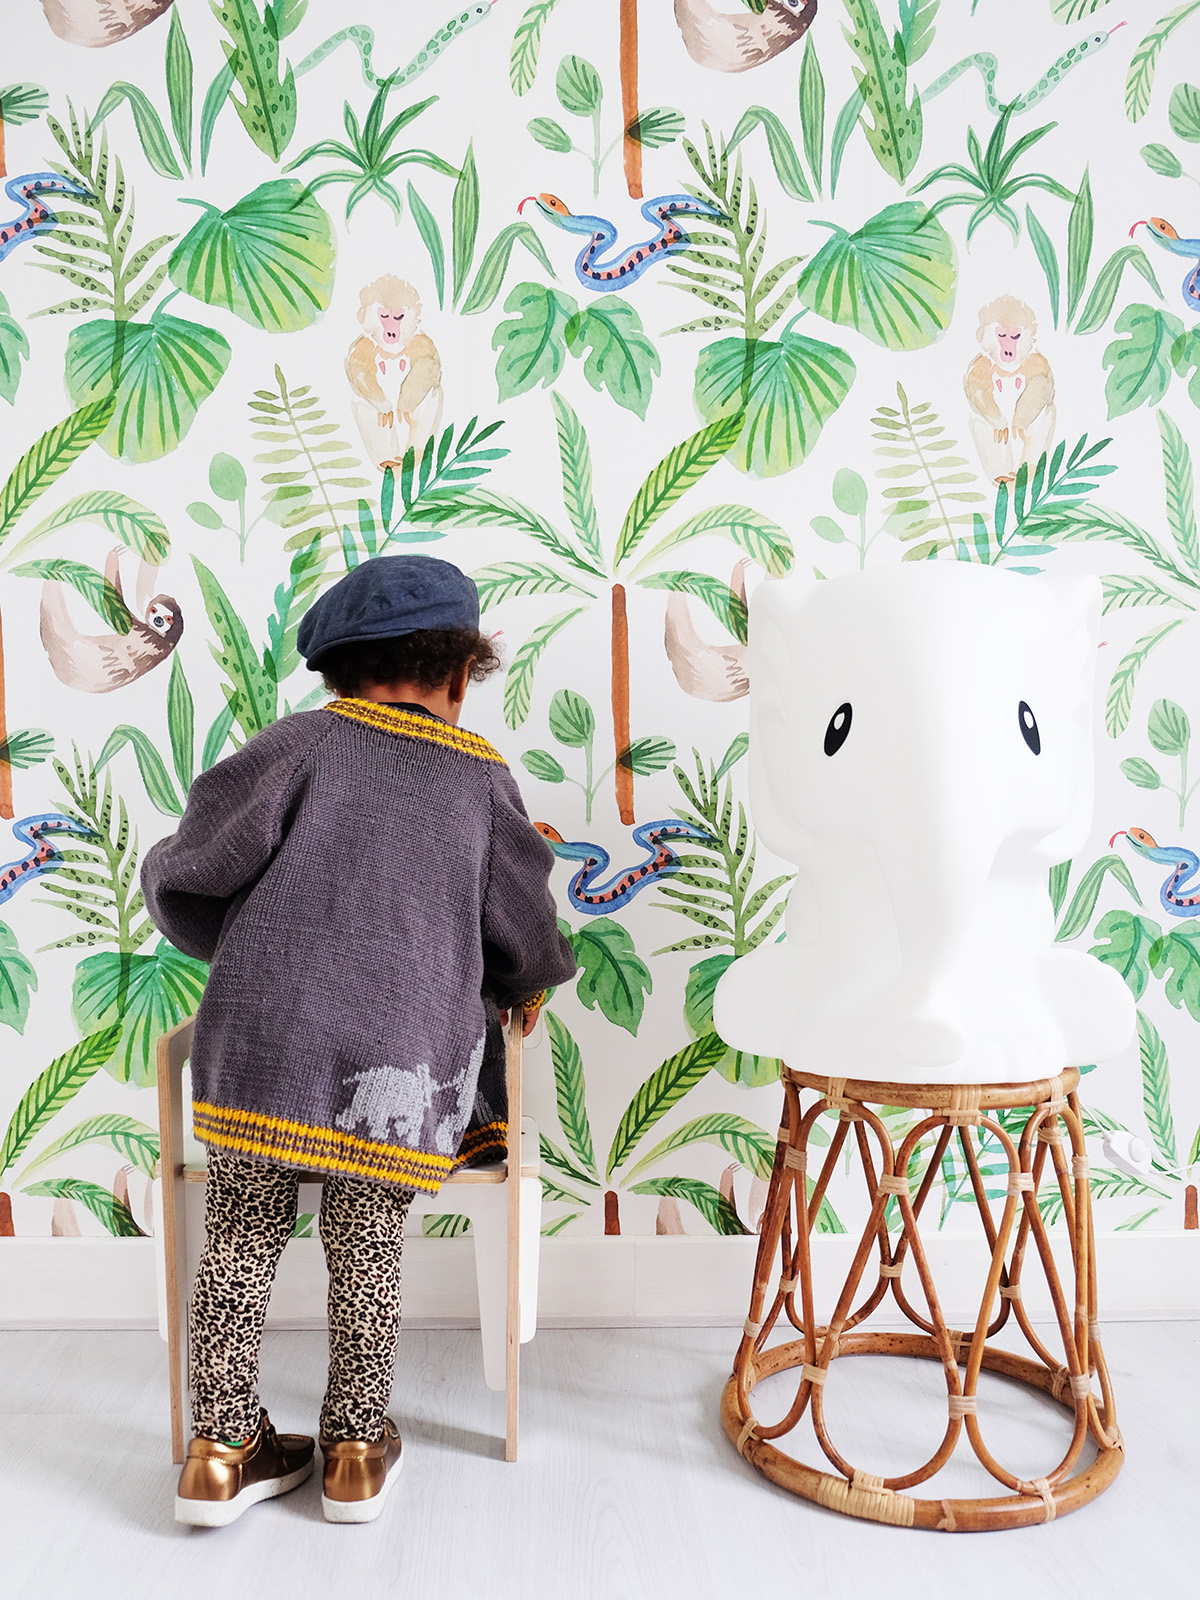 Creative Lab Amsterdam, Behang, Leather look, Jungle Fever, Vliesbehang, Botanisch, Exotisch